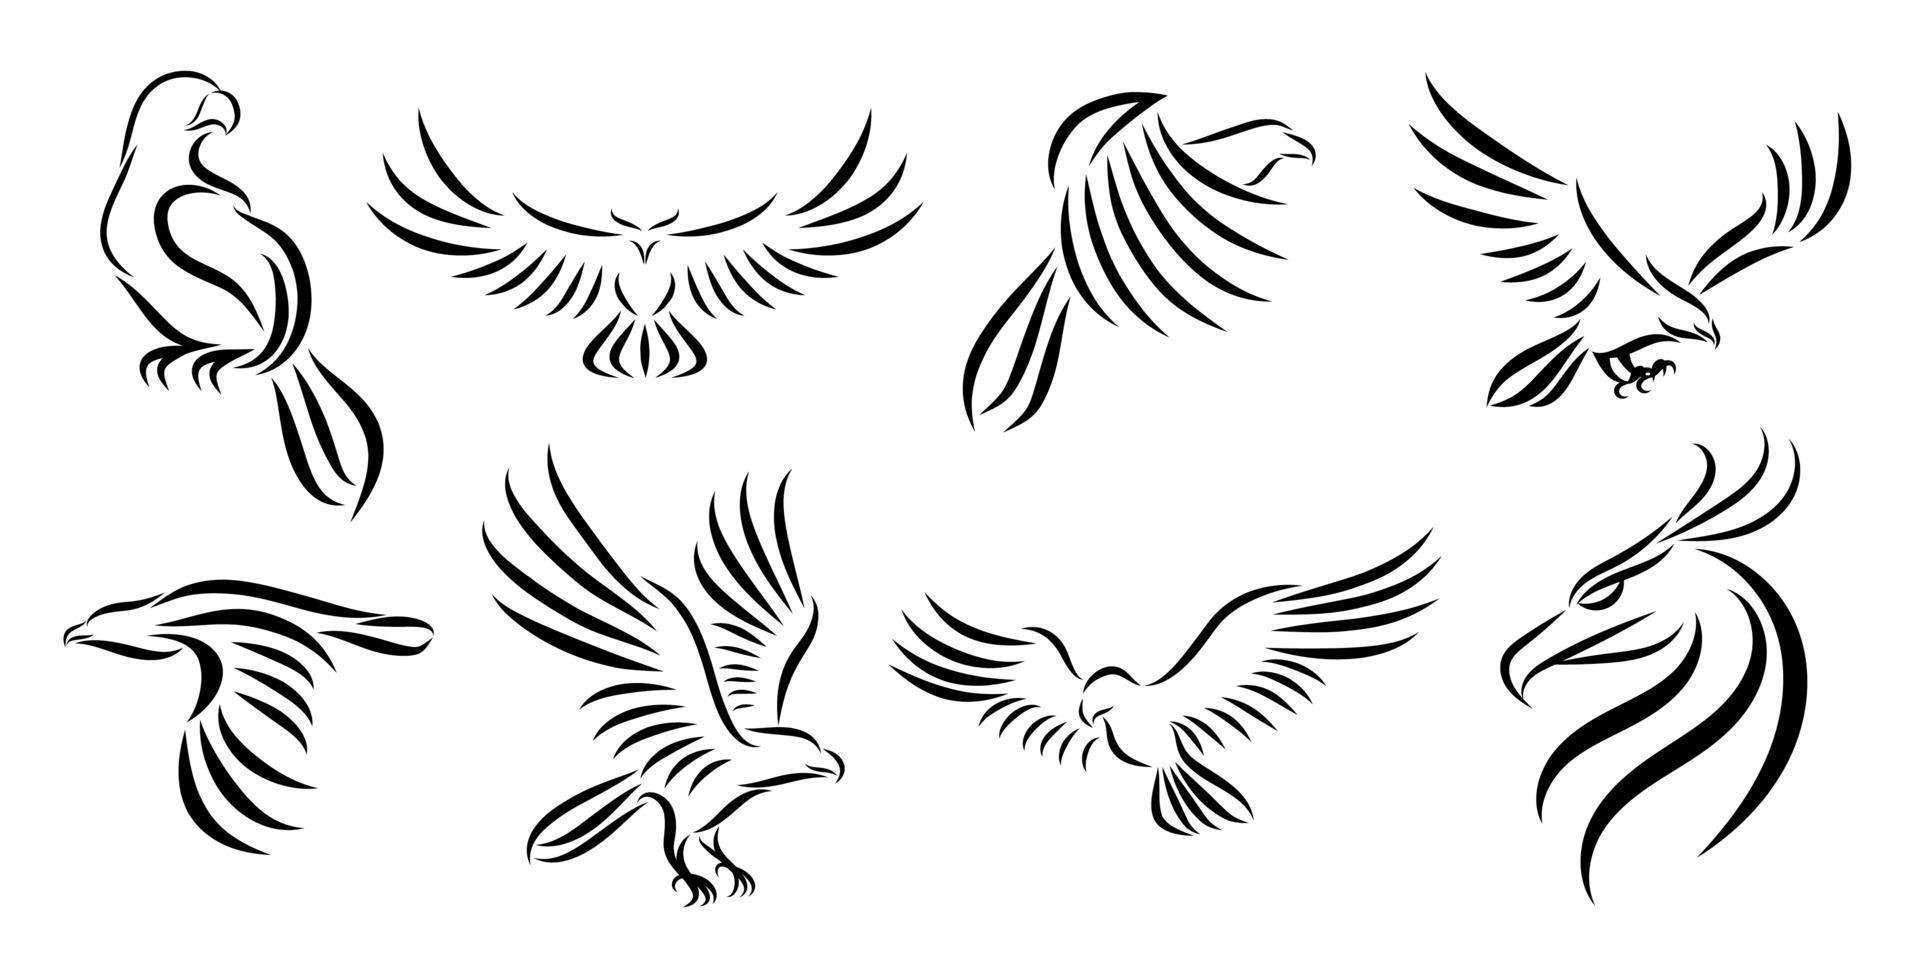 uppsättning av åtta linjer konst vektor logotyper av örnar